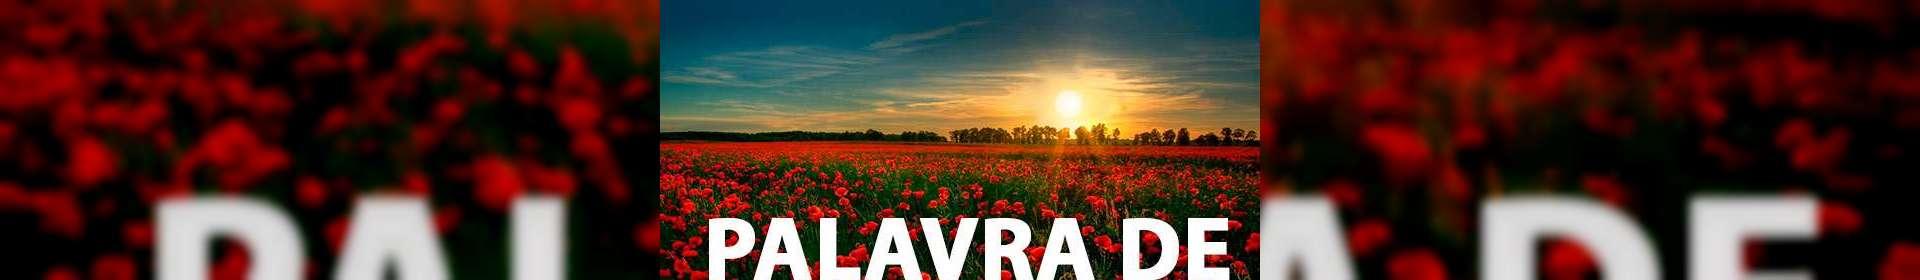 Êxodo 12:3 - Uma Palavra de Esperança para sua vida